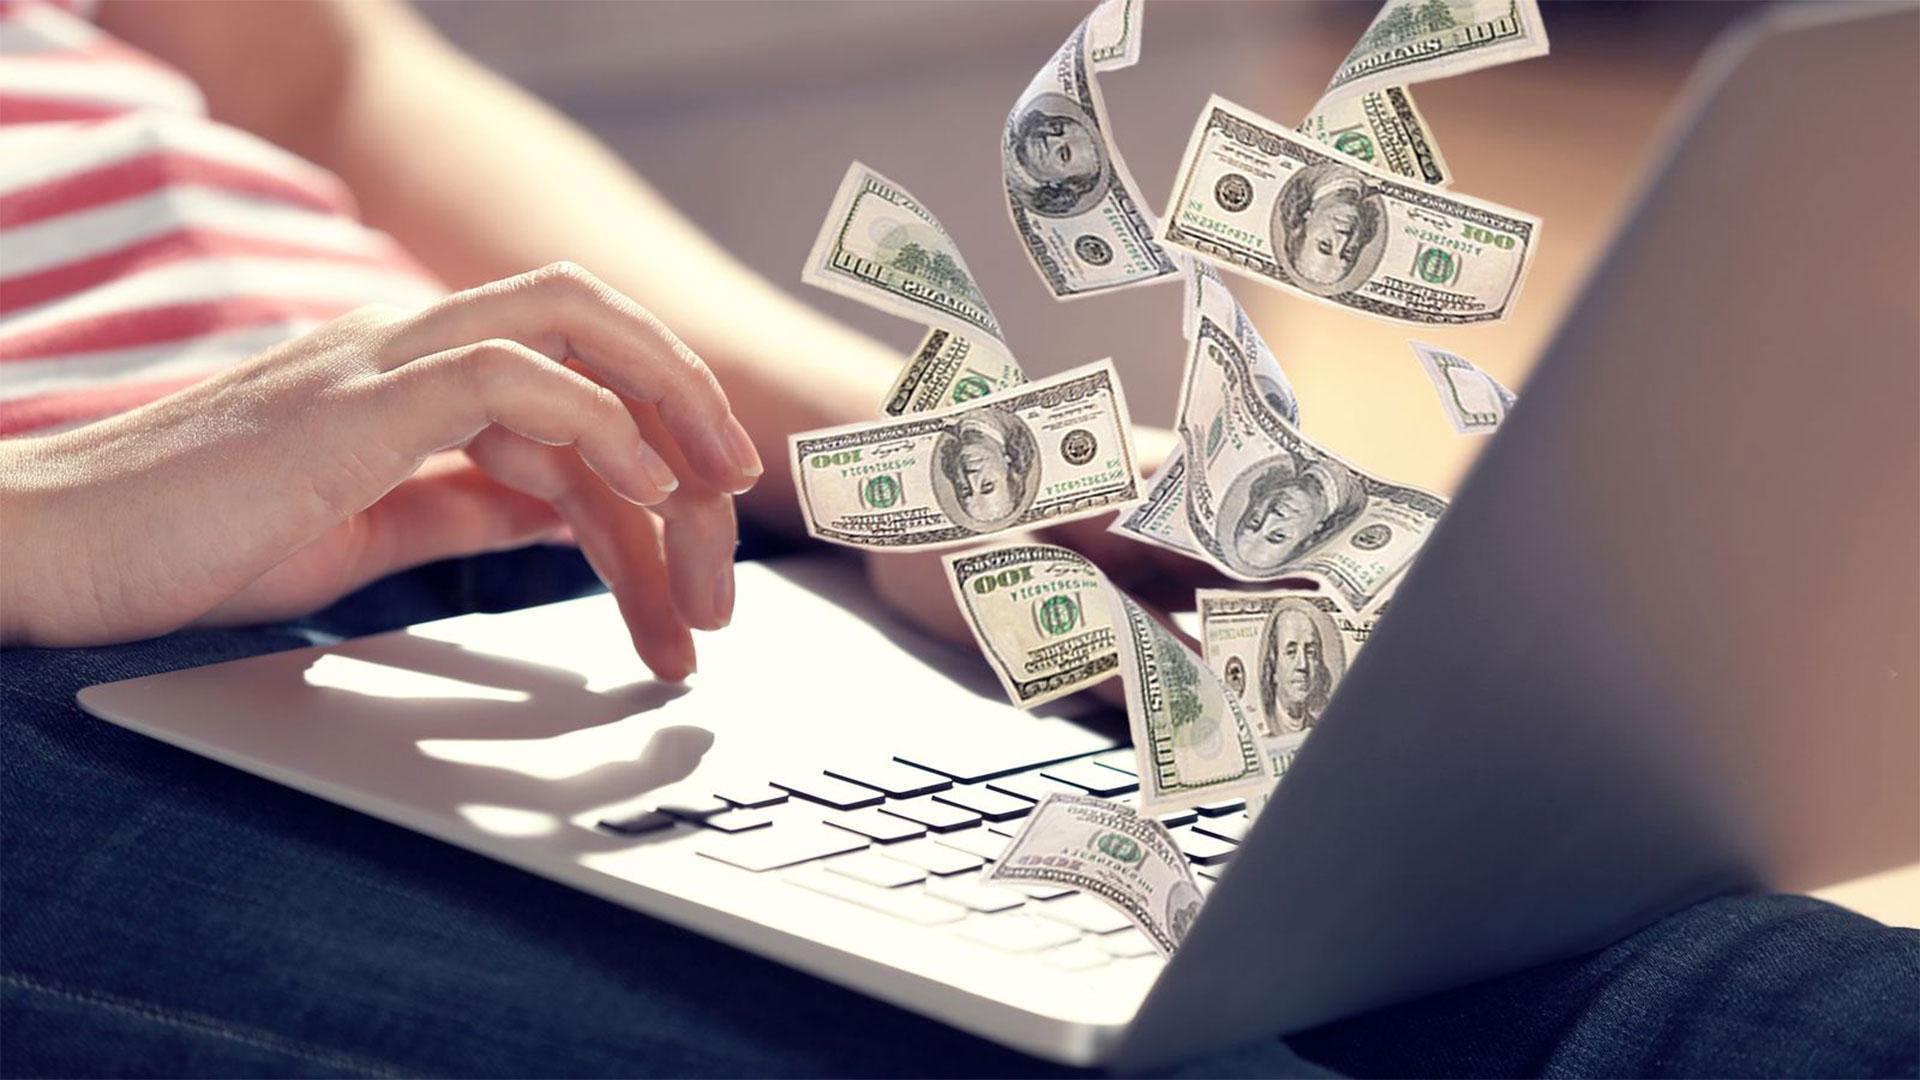 Заработать деньги в интернете на серфинге футбол матчи онлайн ставки